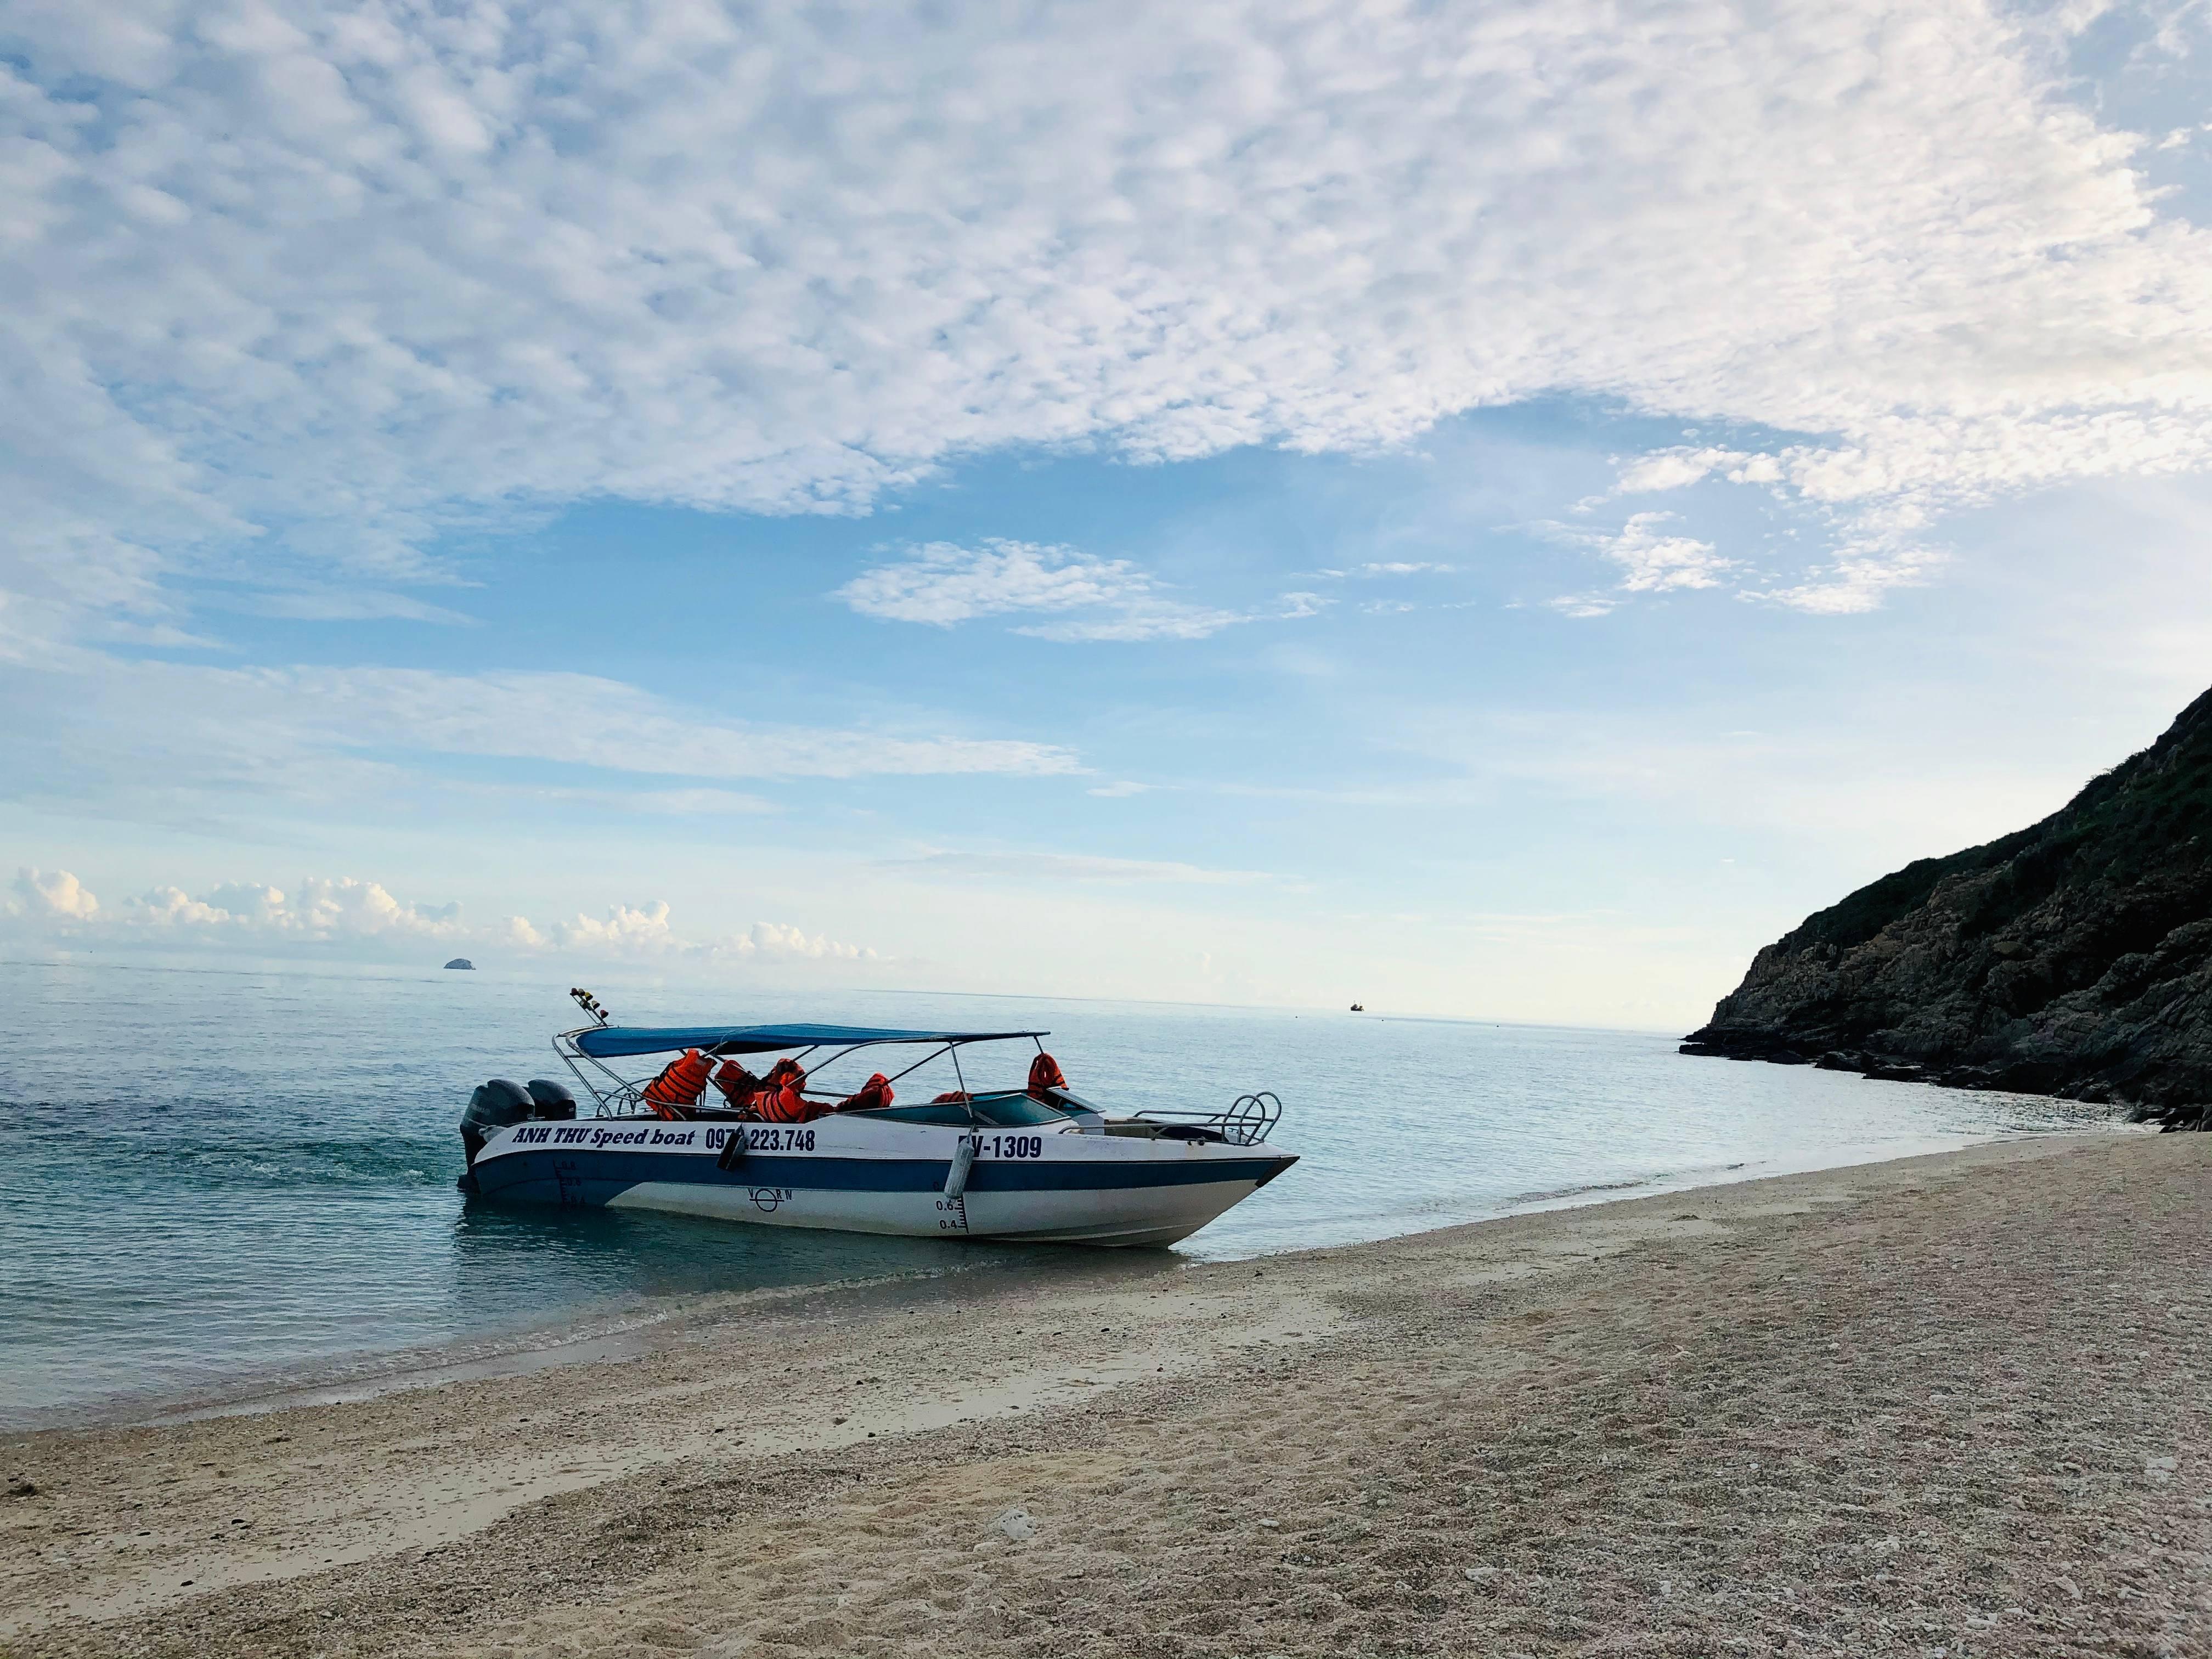 Điểm danh 15 địa điểm siêu đẹp ở Côn Đảo lên hình cực ảo - 55